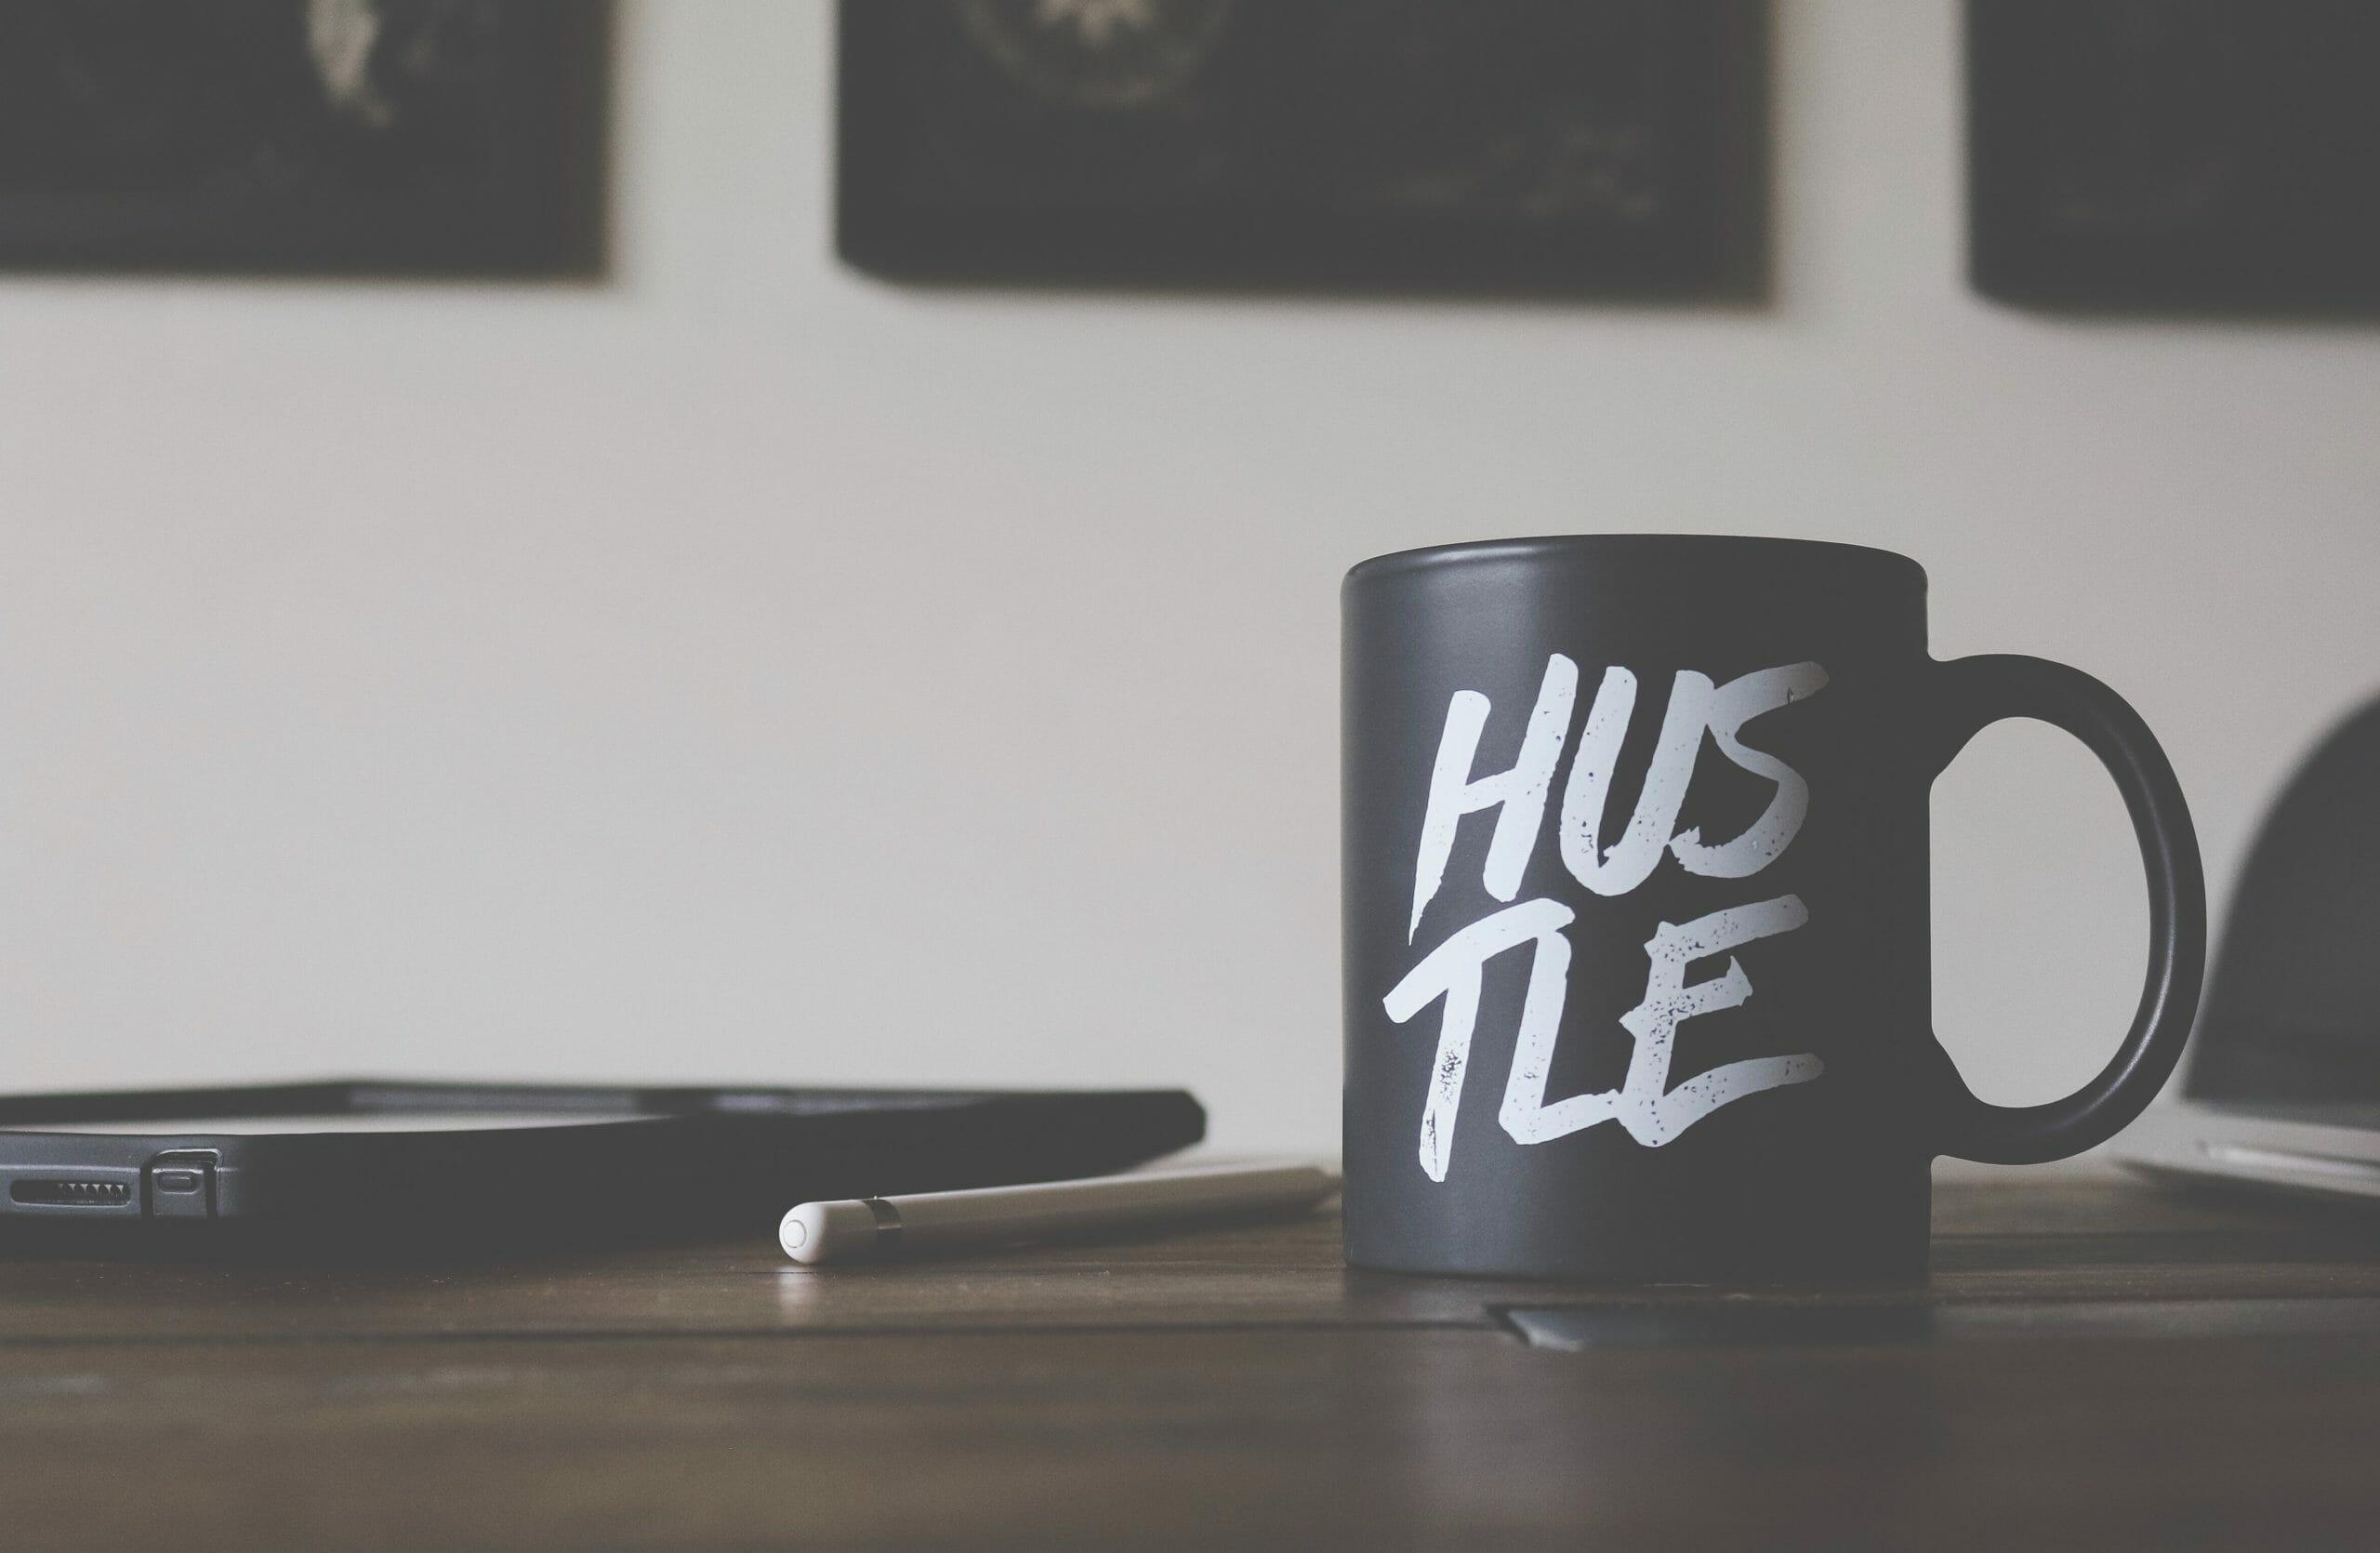 Hyperbits Hustle